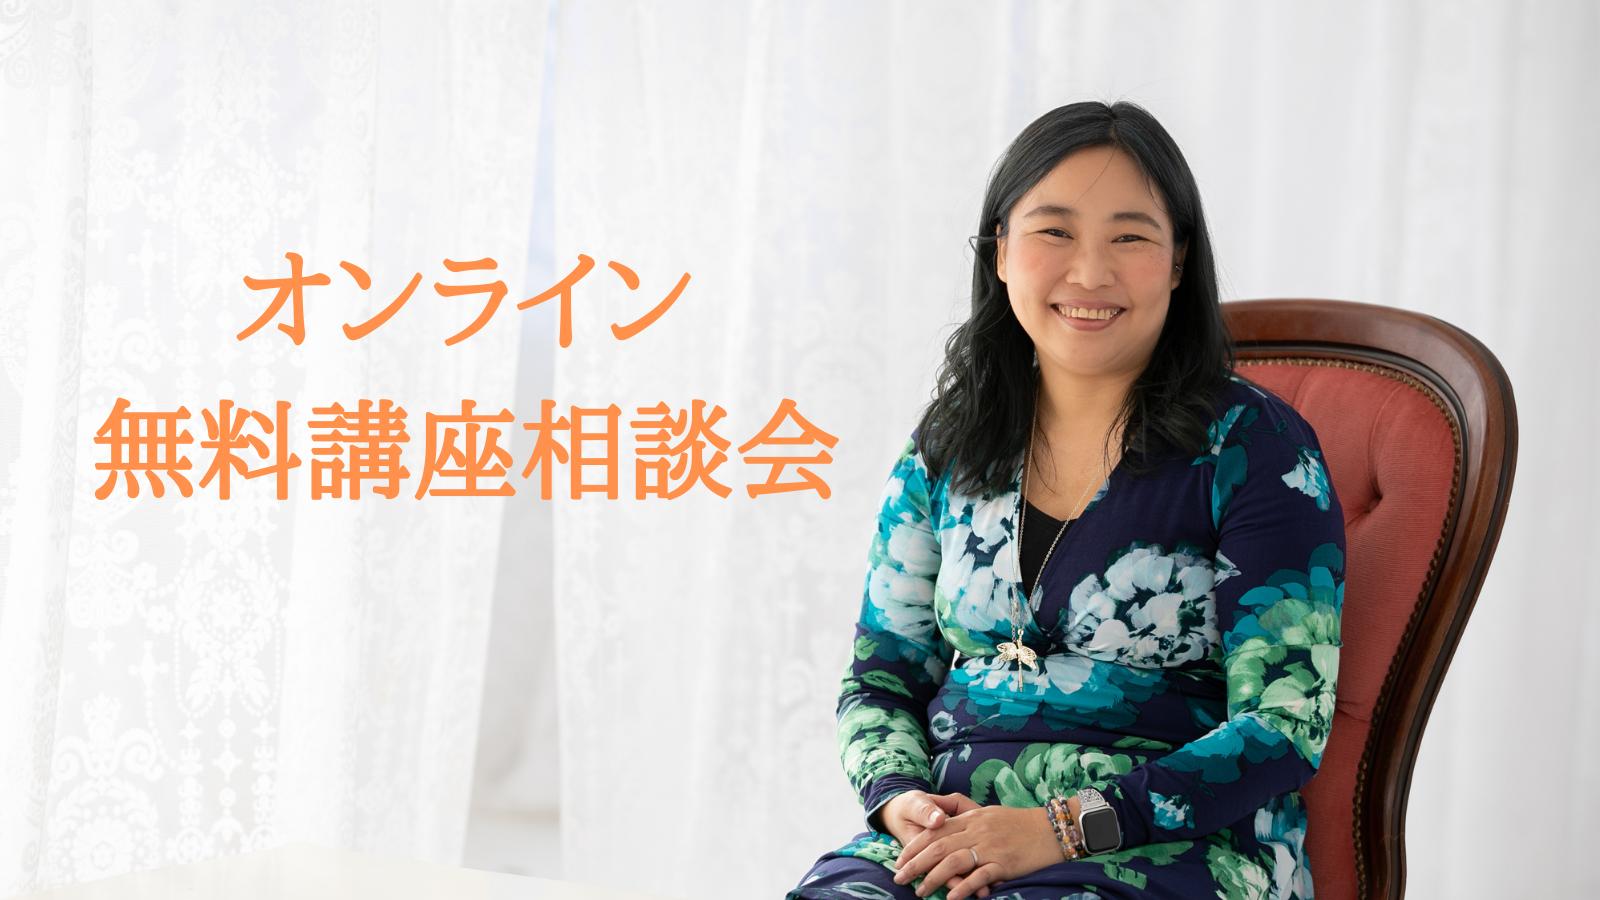 3/15(月) 開催!ピッタリの講座が見つかる  無料講座相談会